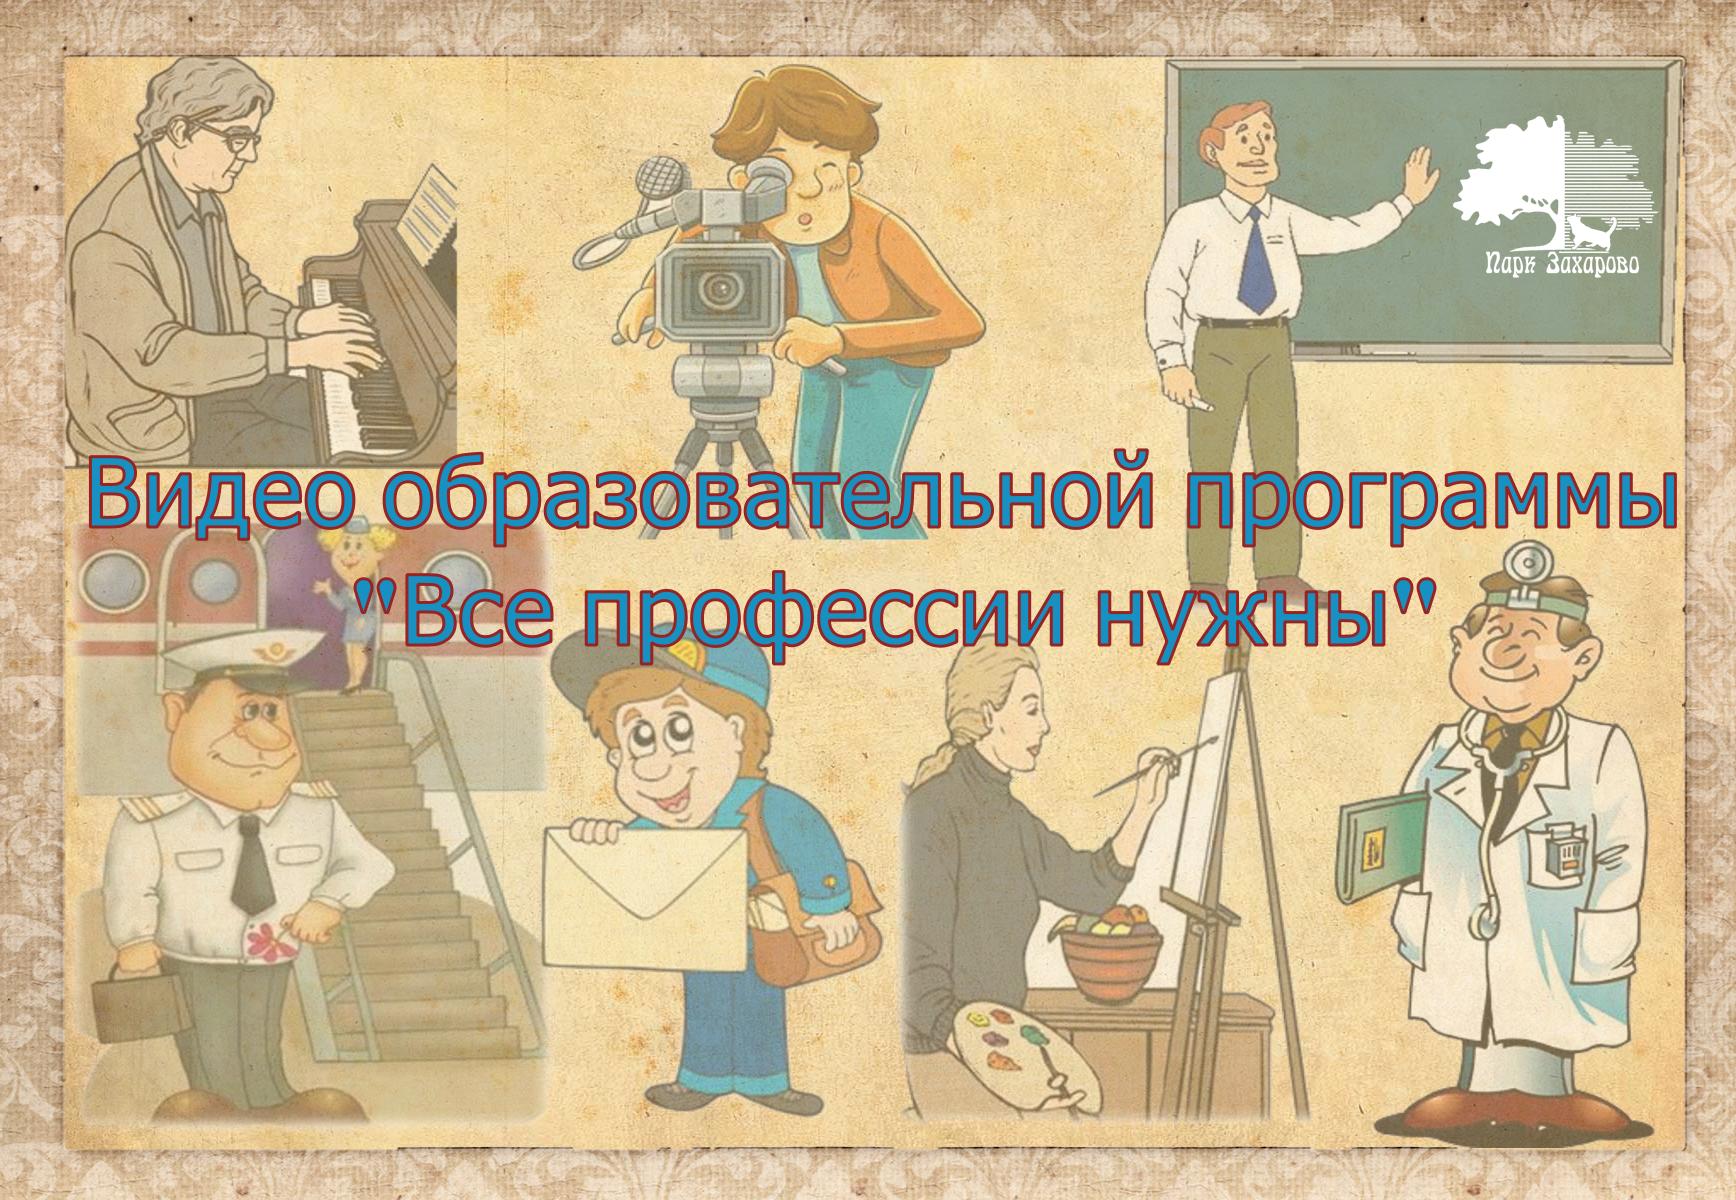 Видео образовательной программы